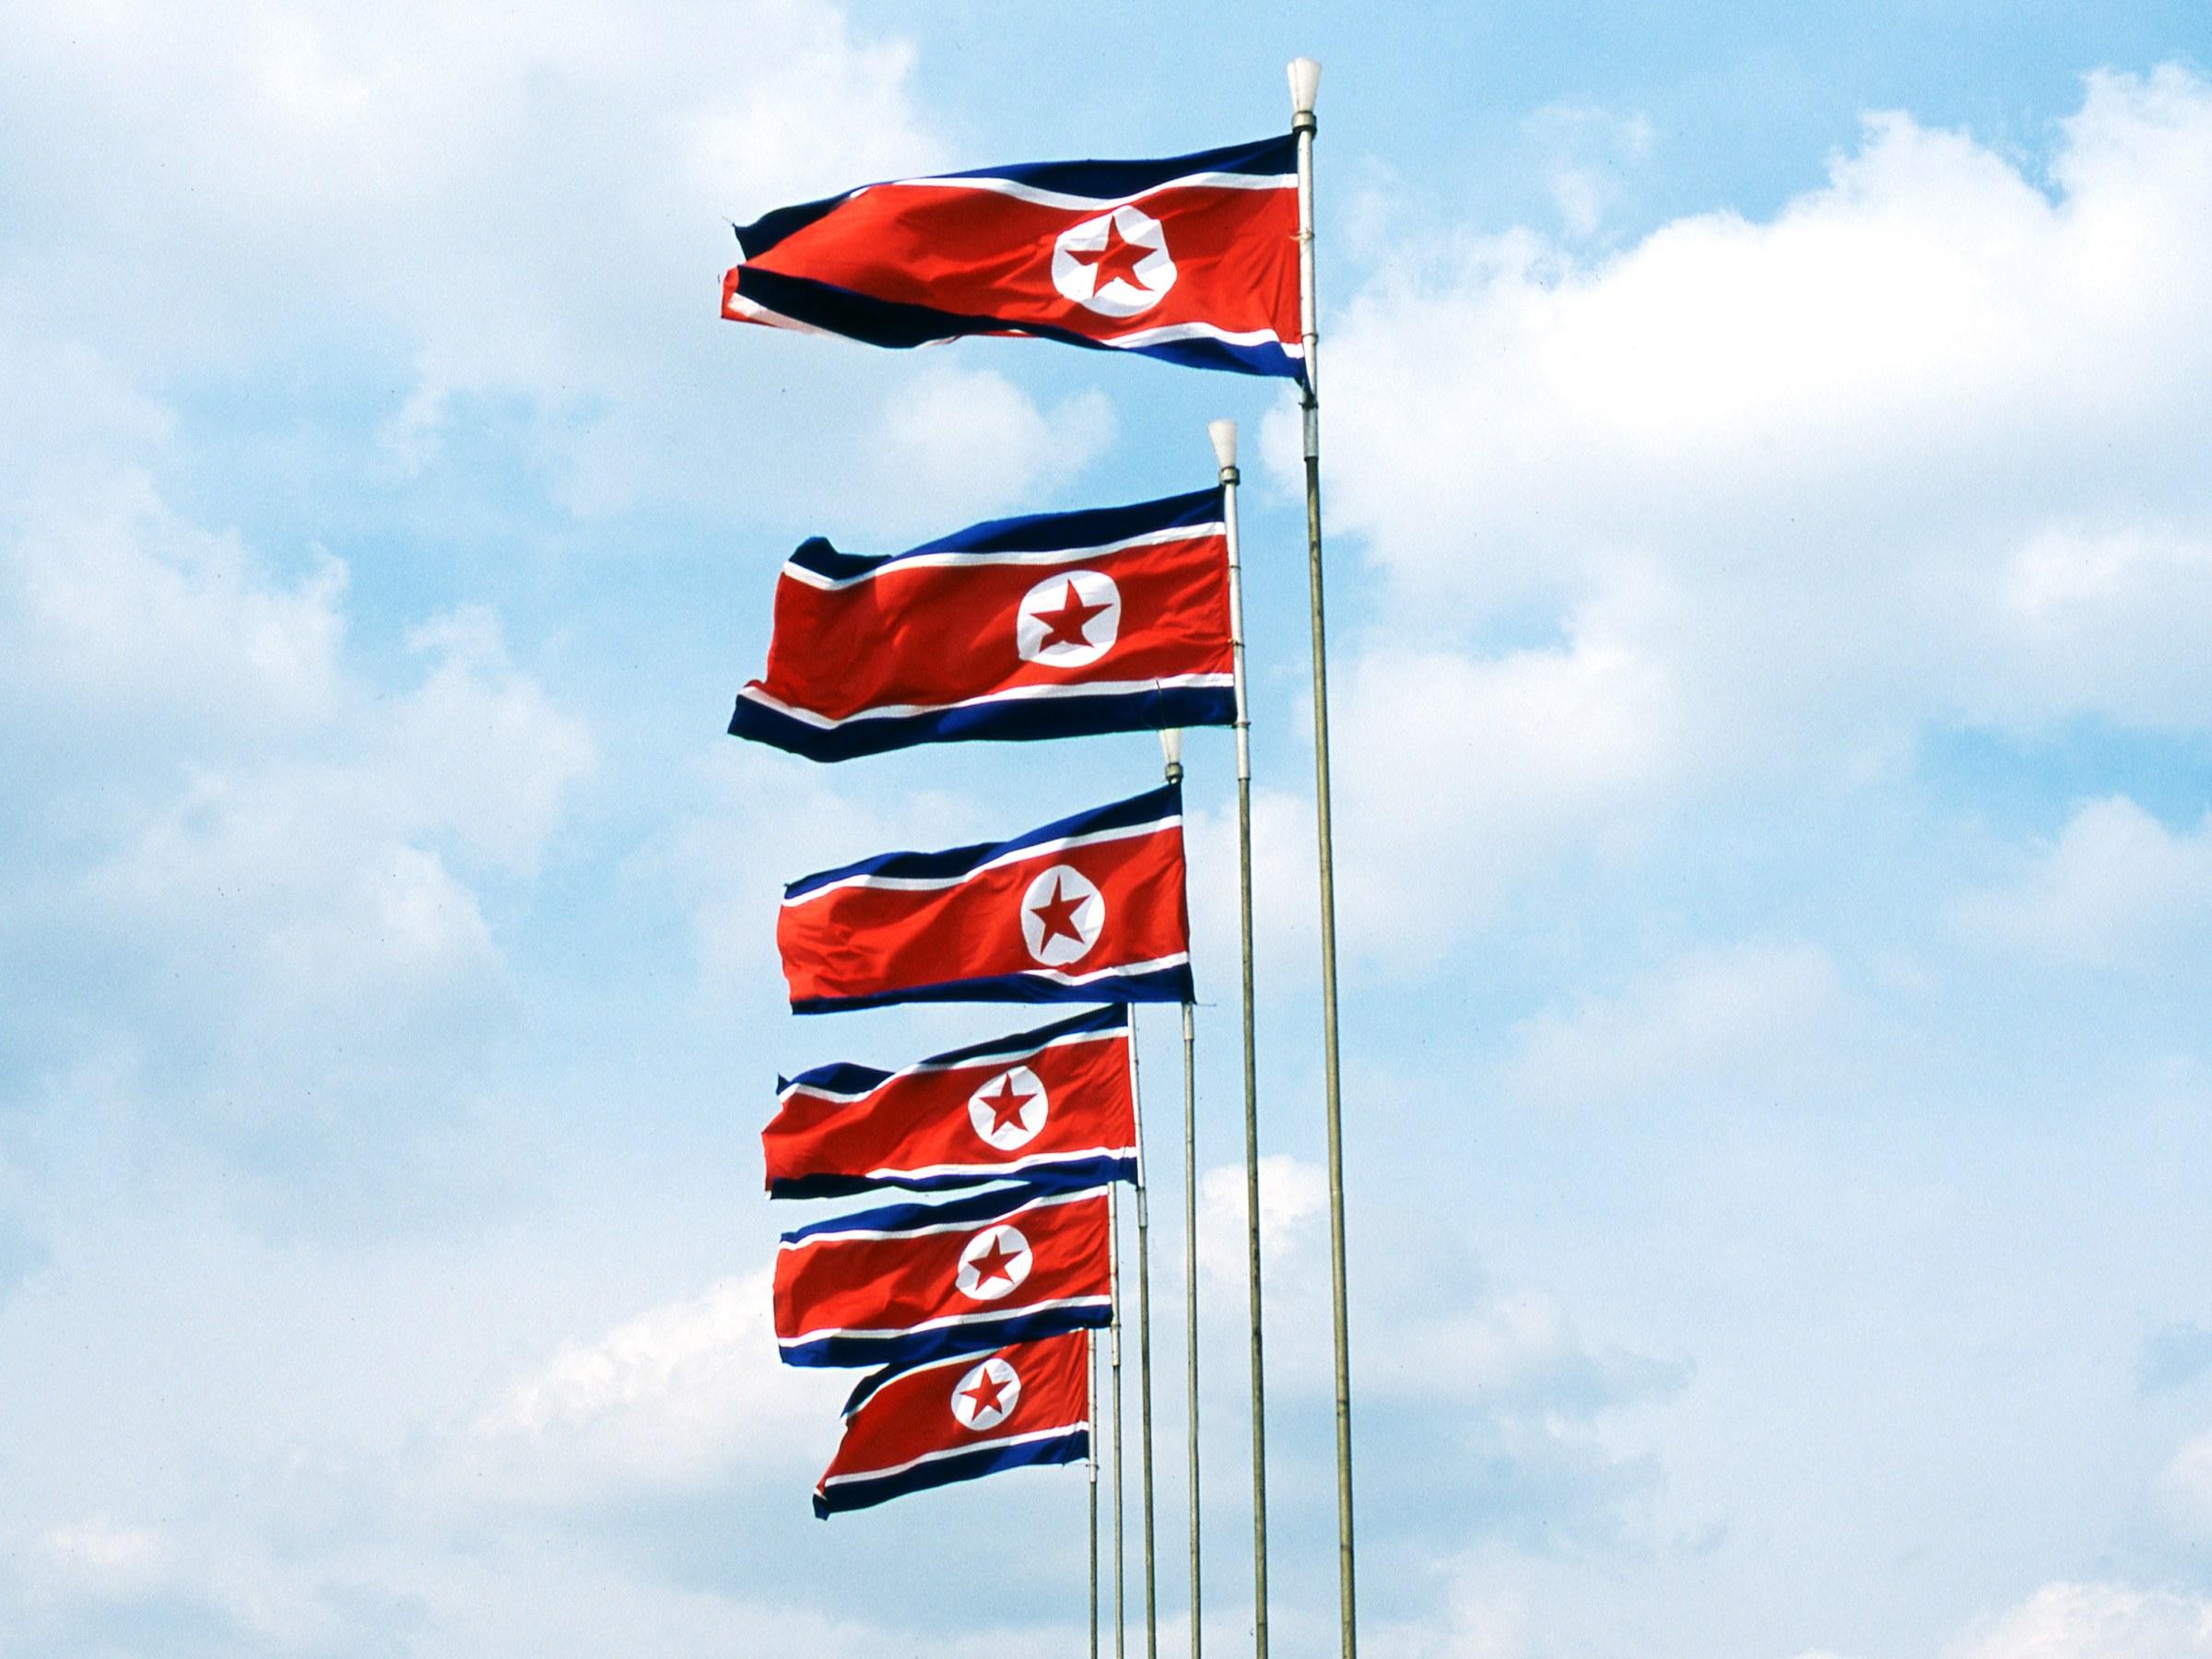 Informe revela un aumento en la actividad minera de Monero en Corea del Norte